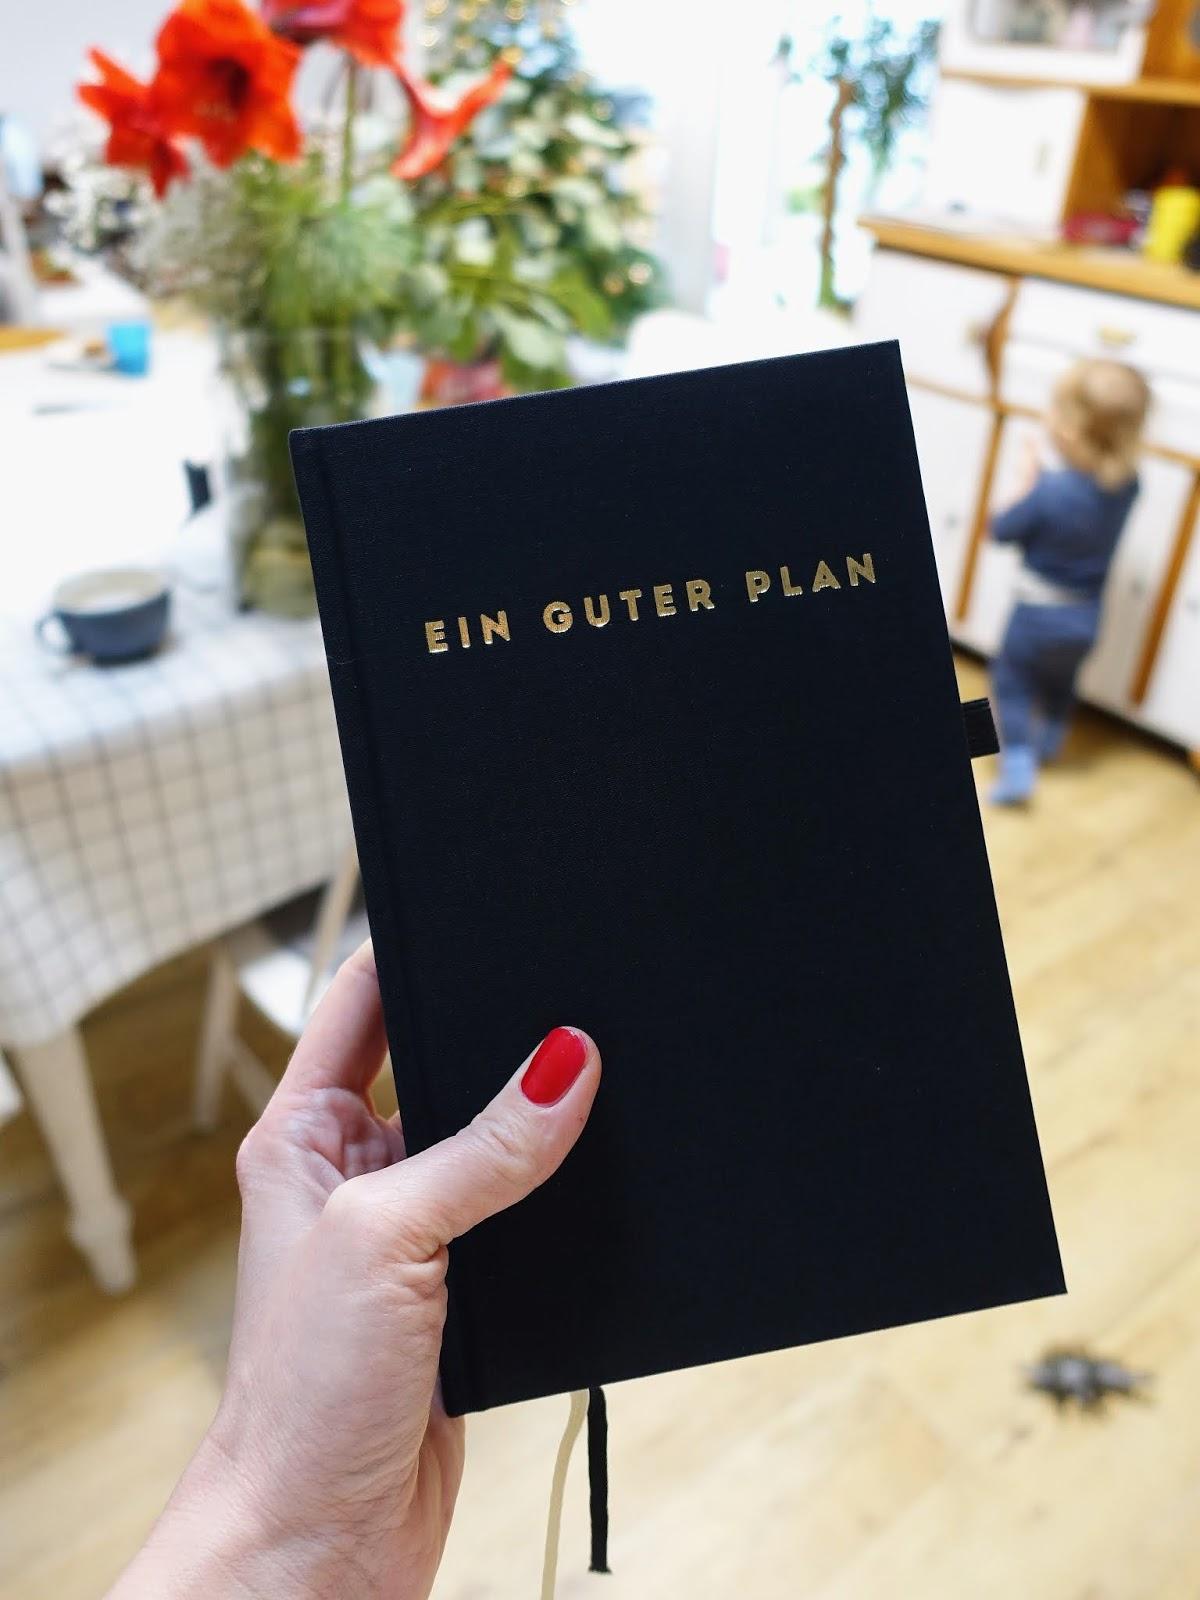 Ein guter Plan, ich freu mich drauf!